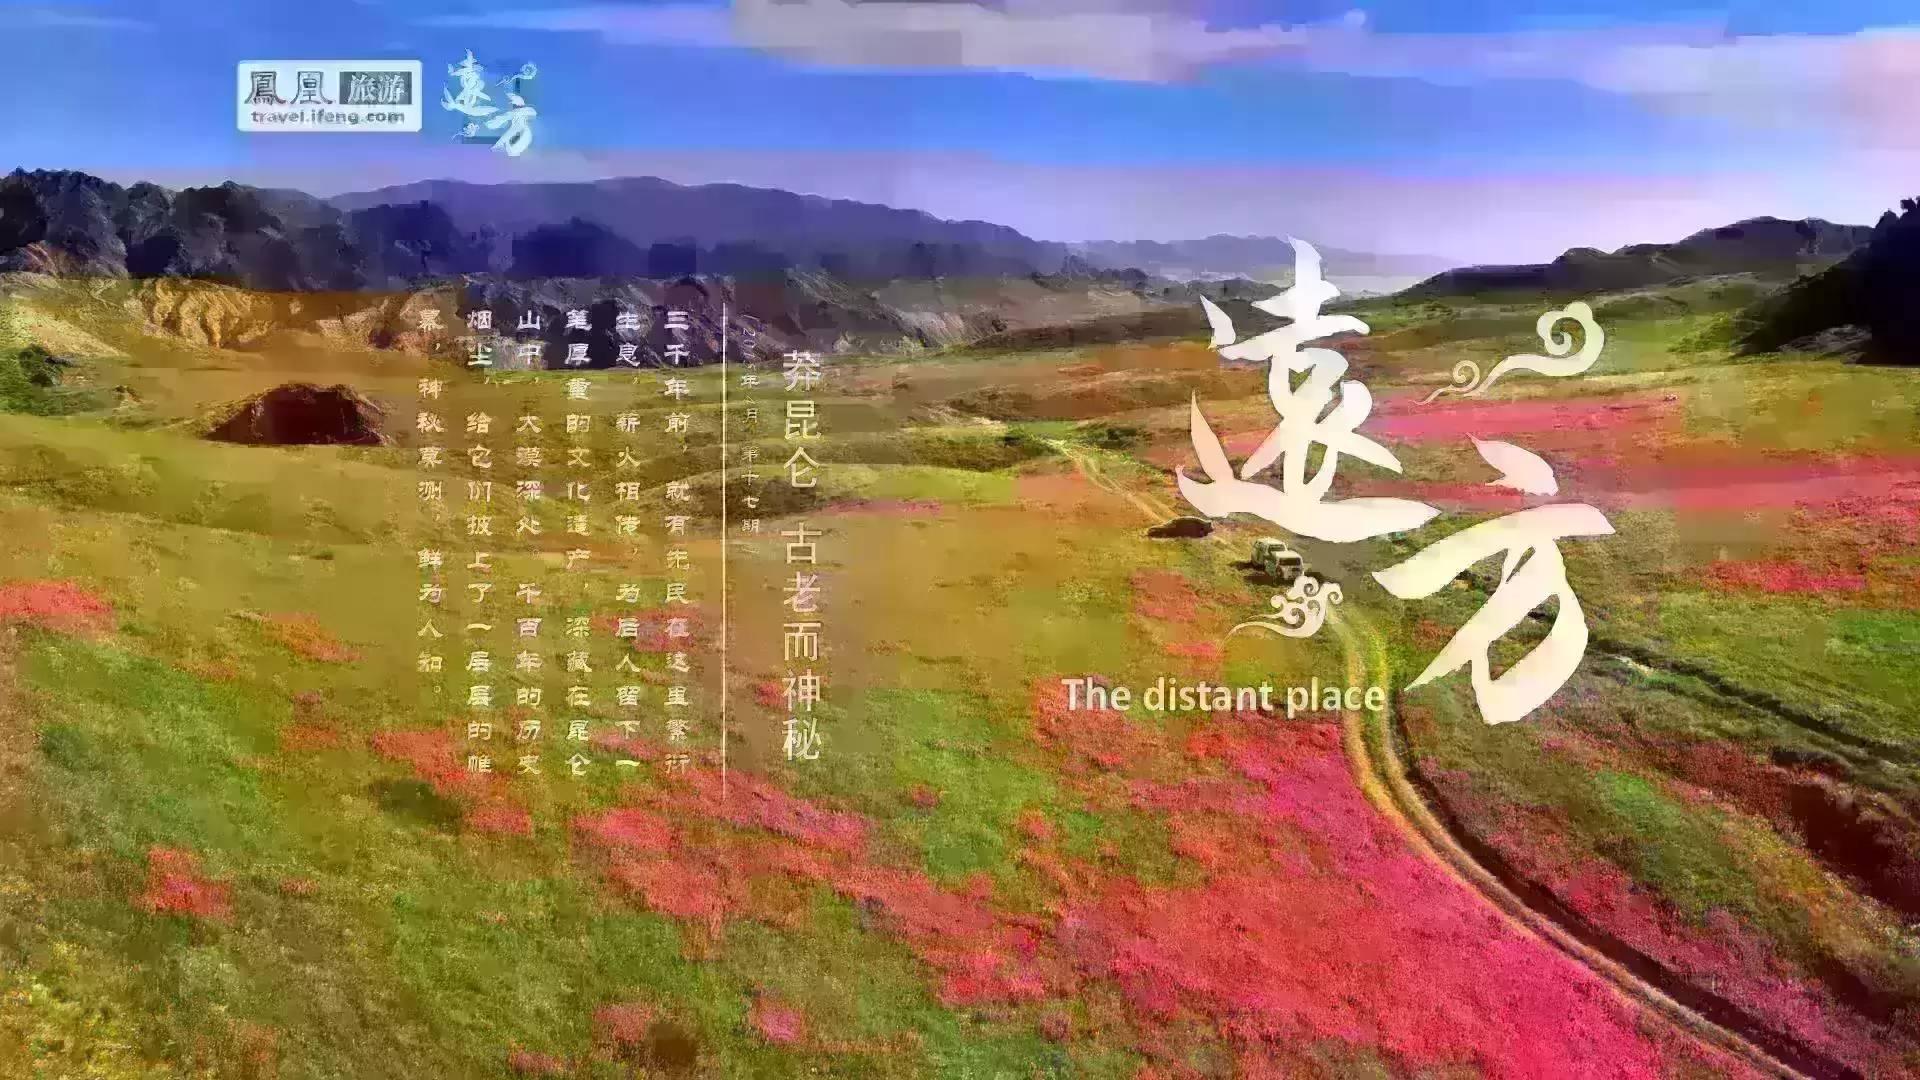 远方|探秘昆仑山下柴达木中国一个古老而神秘的人间天堂